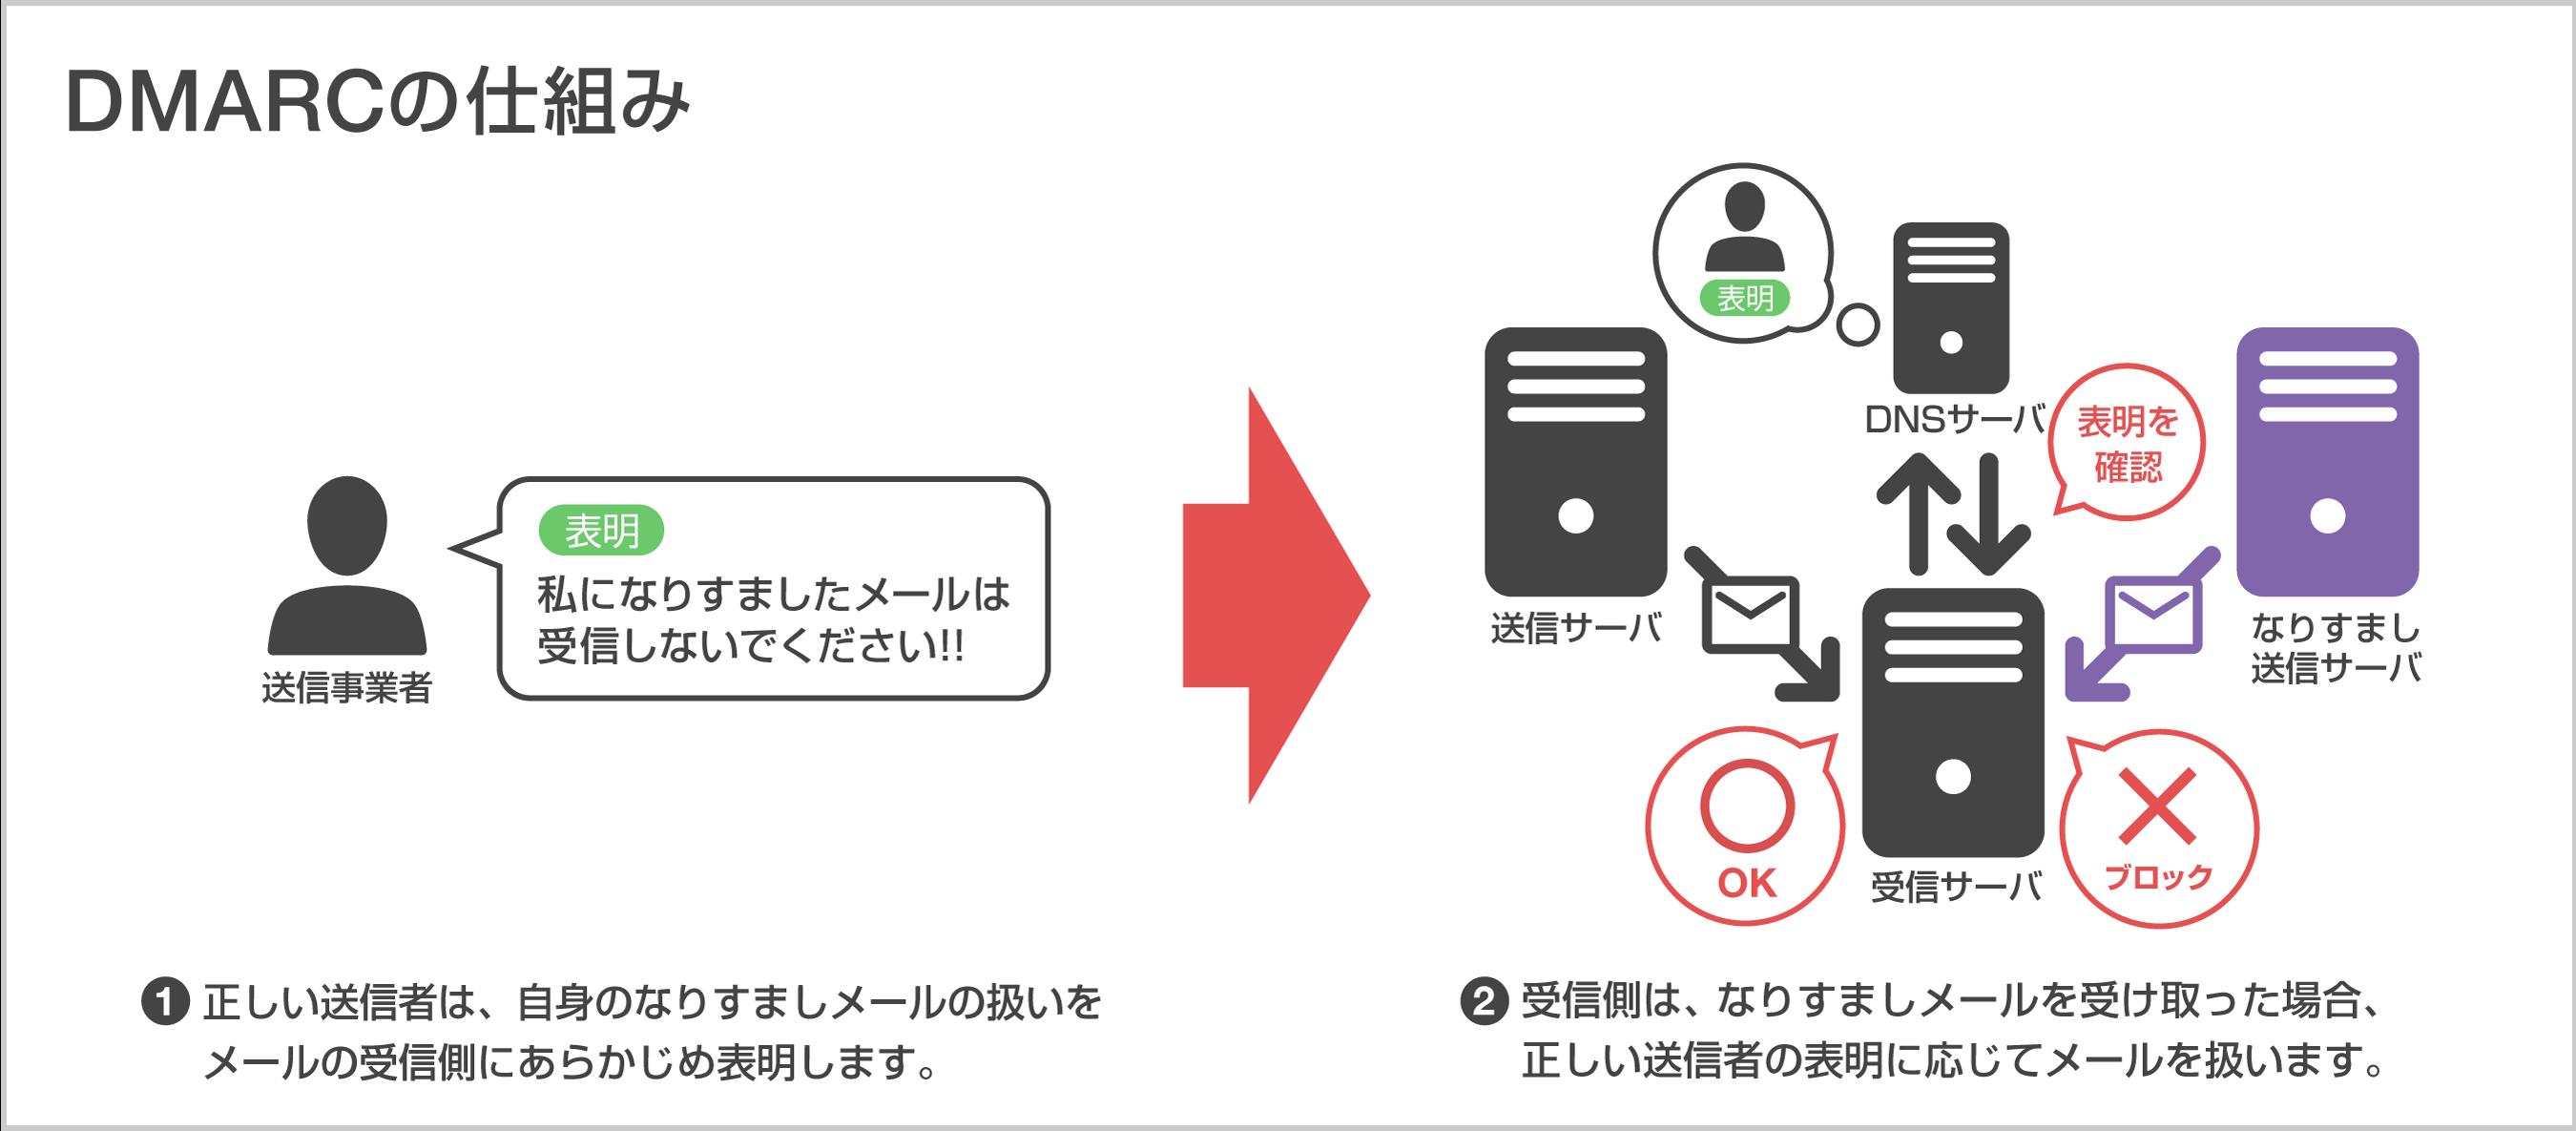 DMARCの仕組みイメージ図